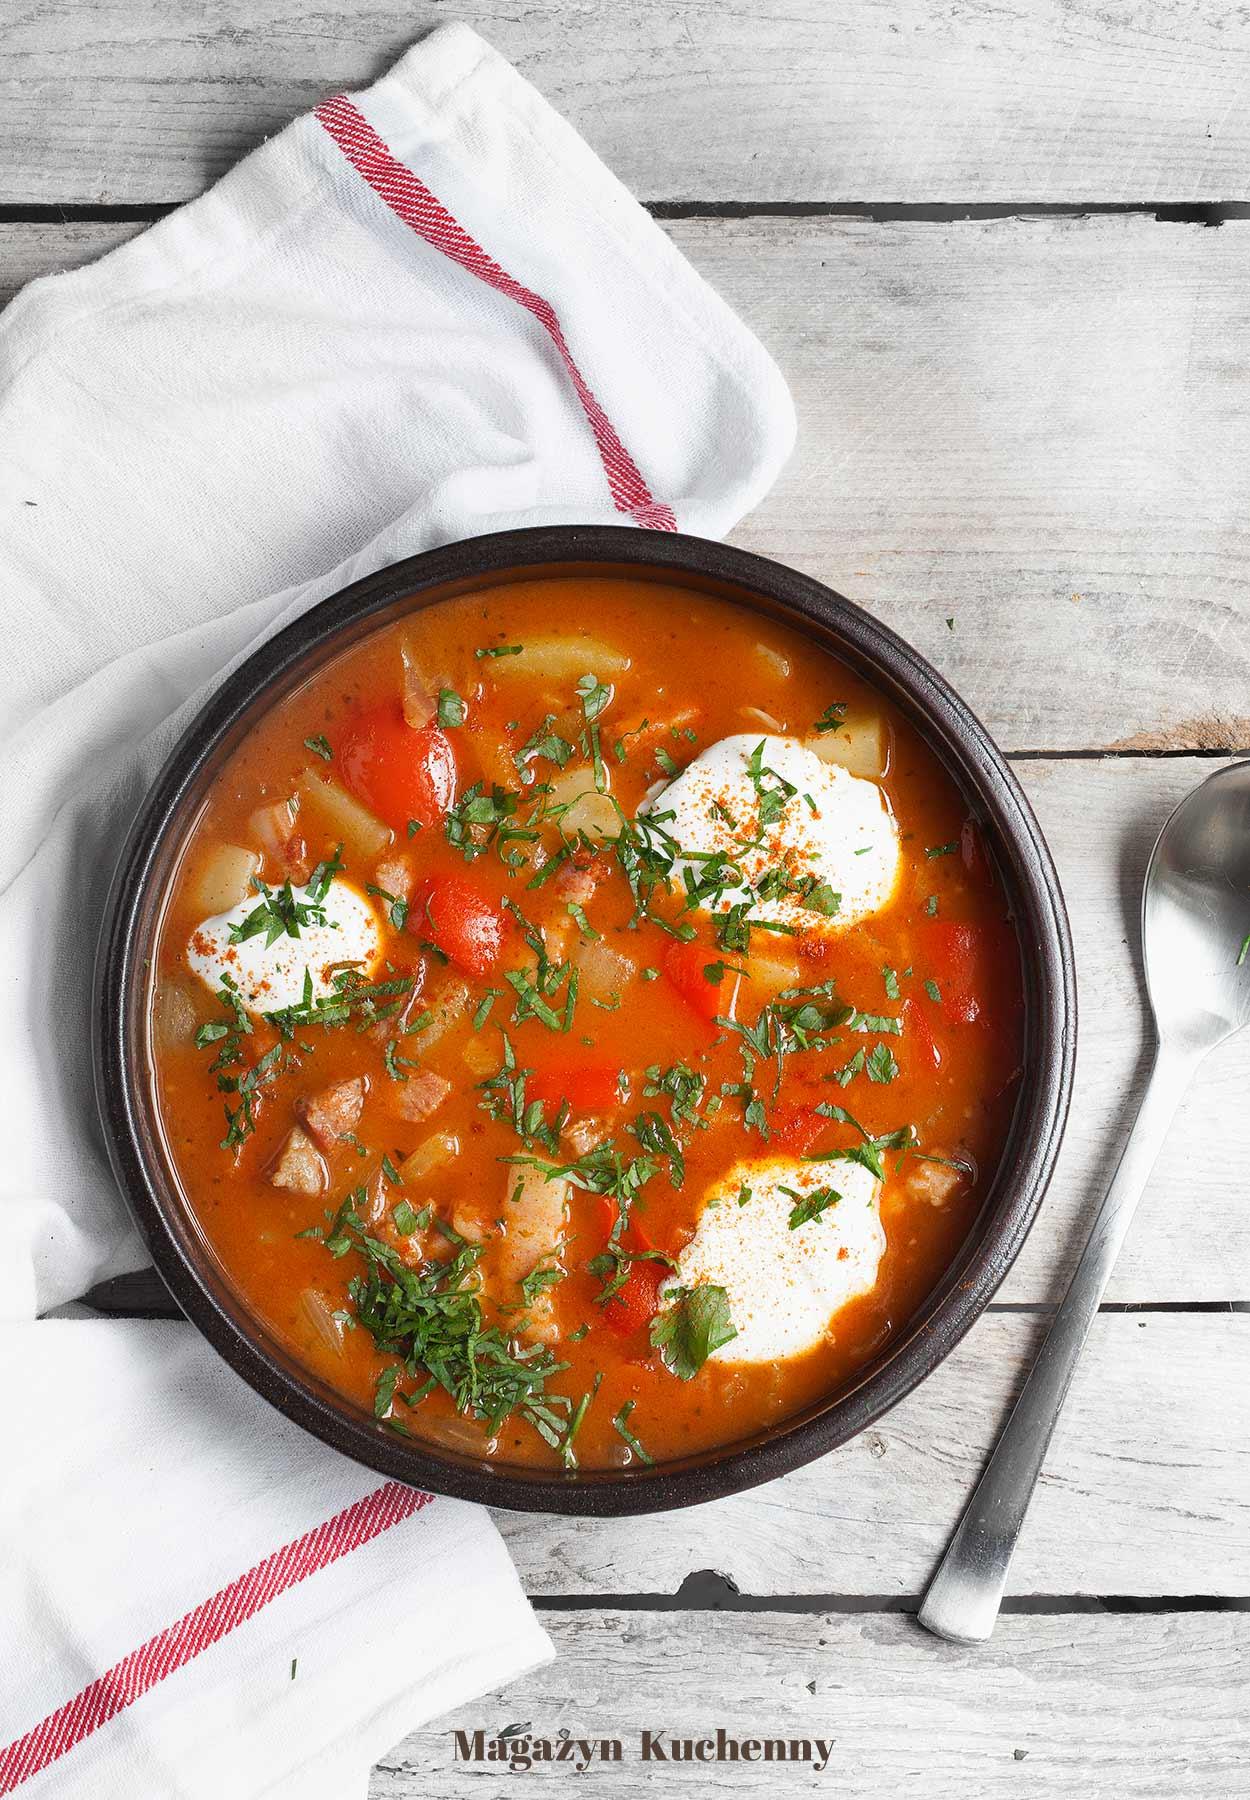 Zupa cygańska - pomidorowa zupa z ziemniakami, papryką i boczkiem wędzonym